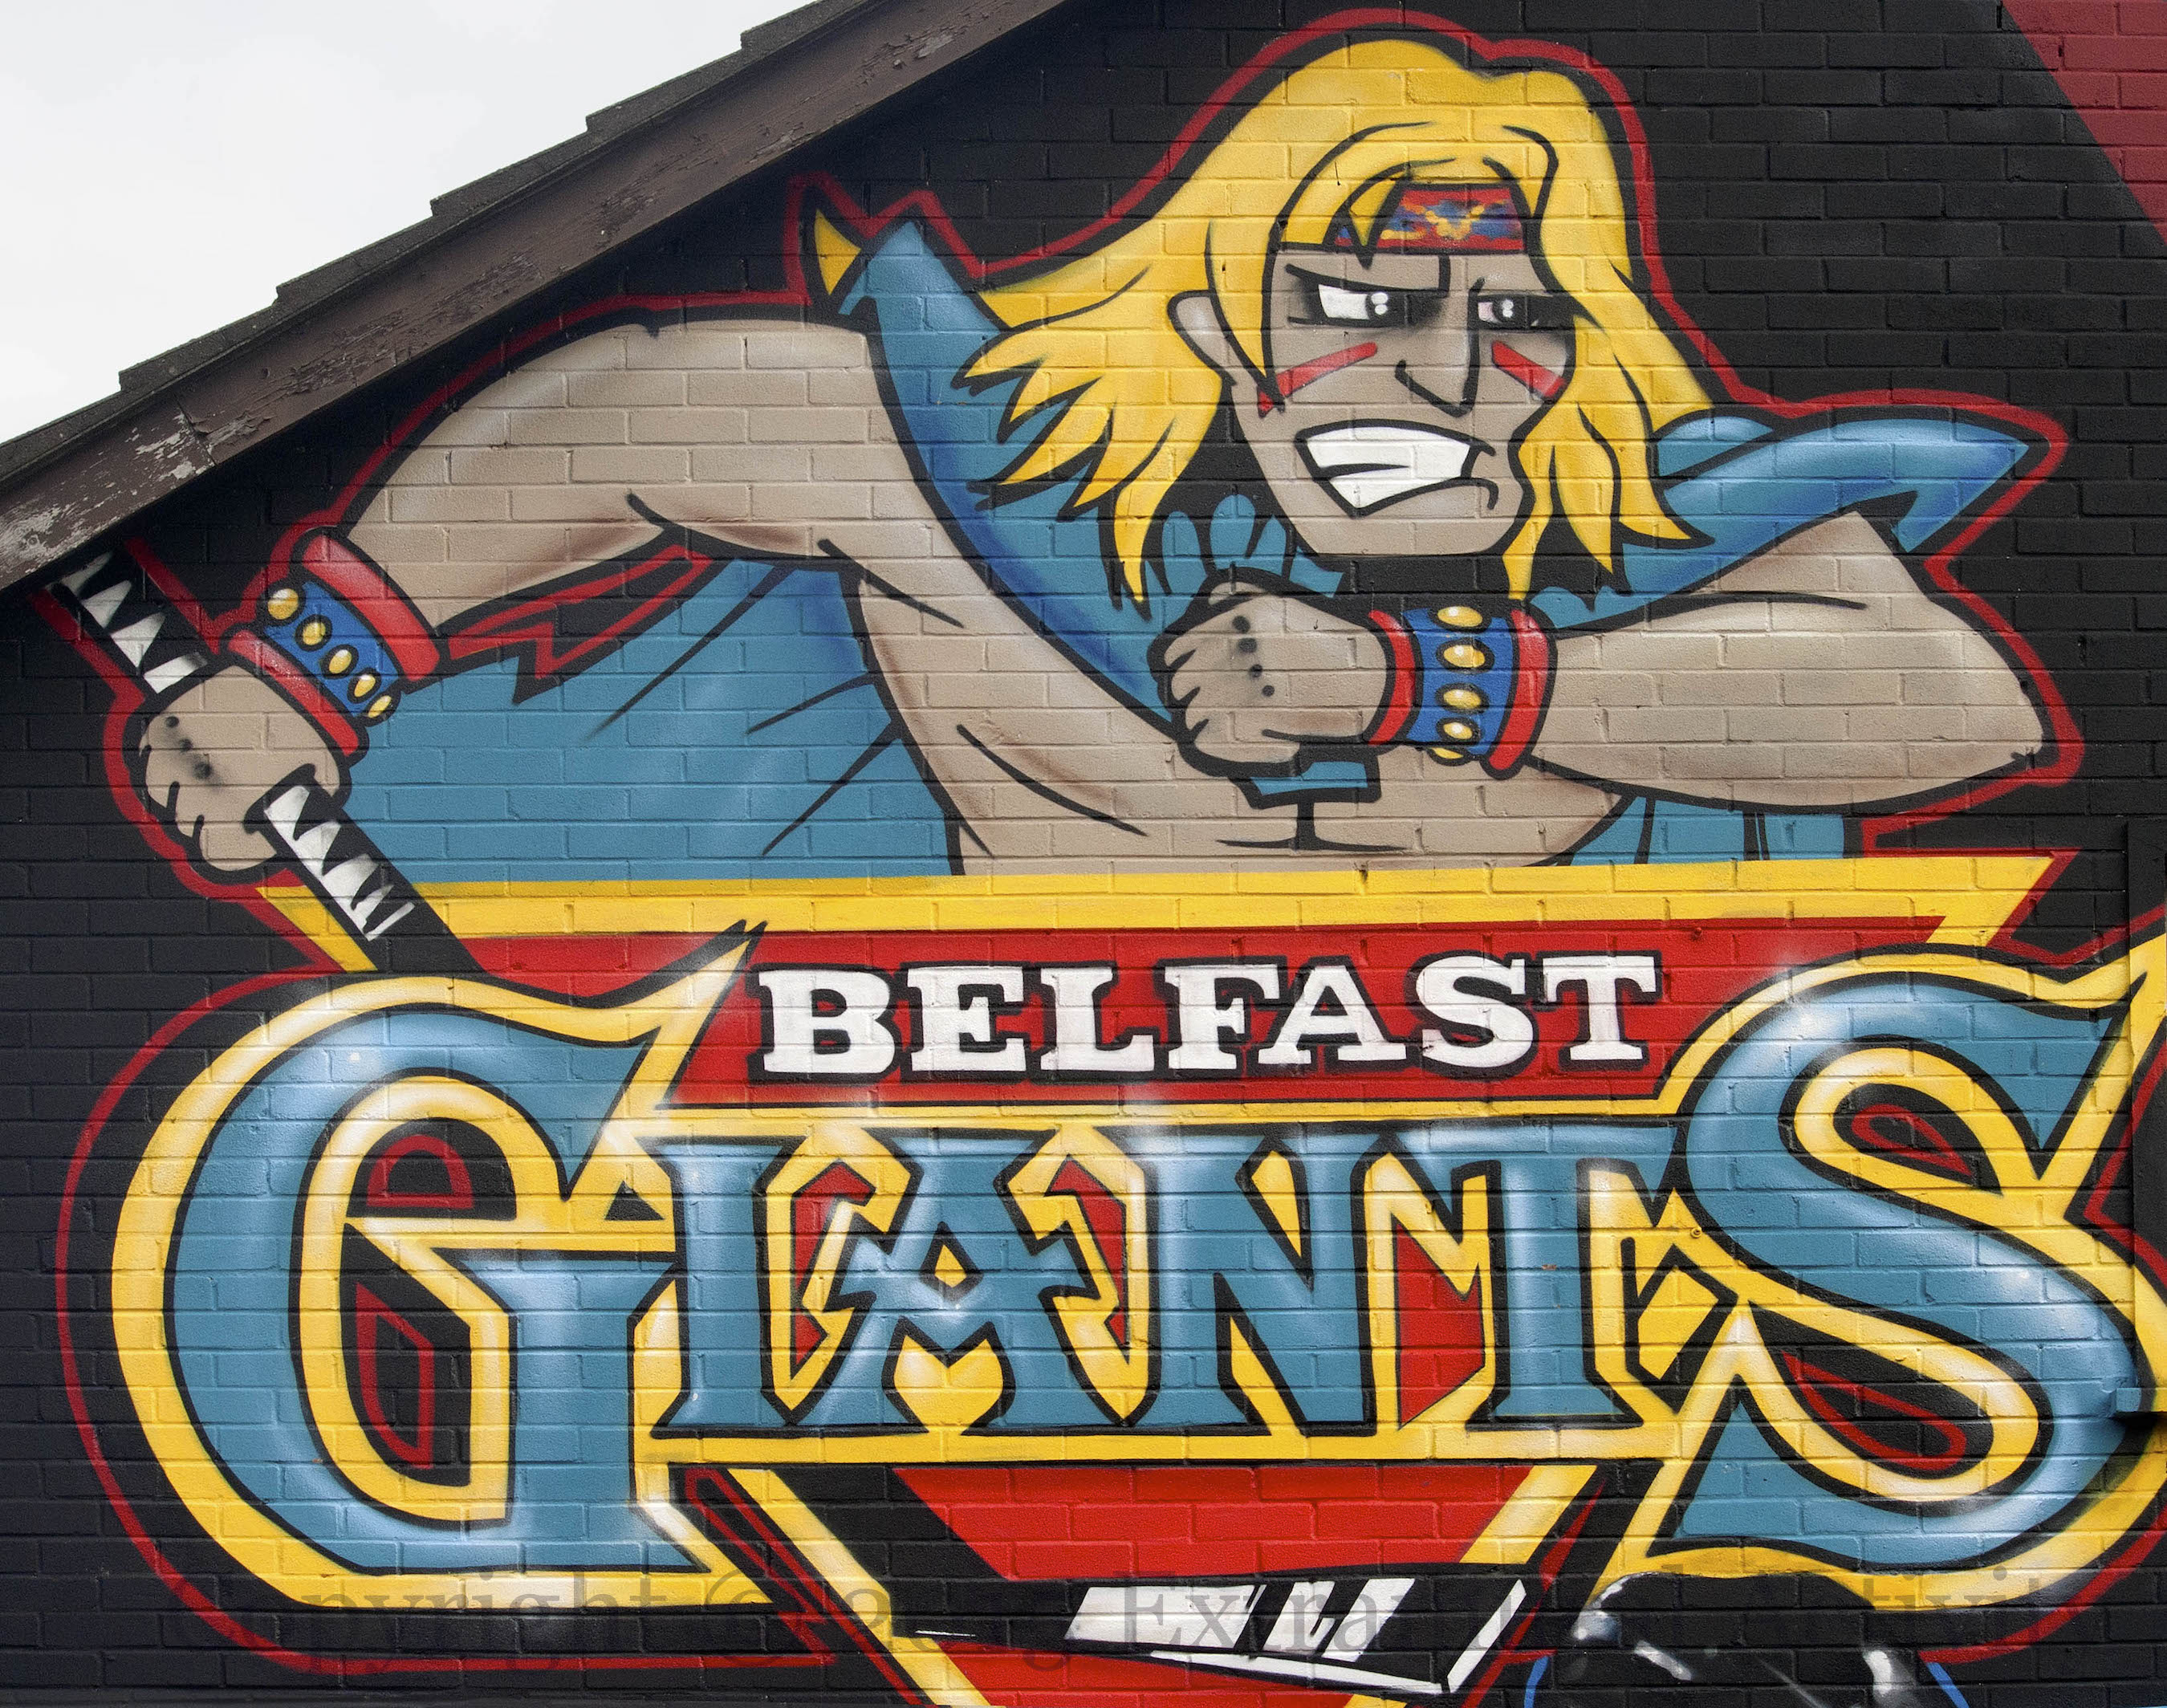 03112 2015-10-11 Belfast Giants d+